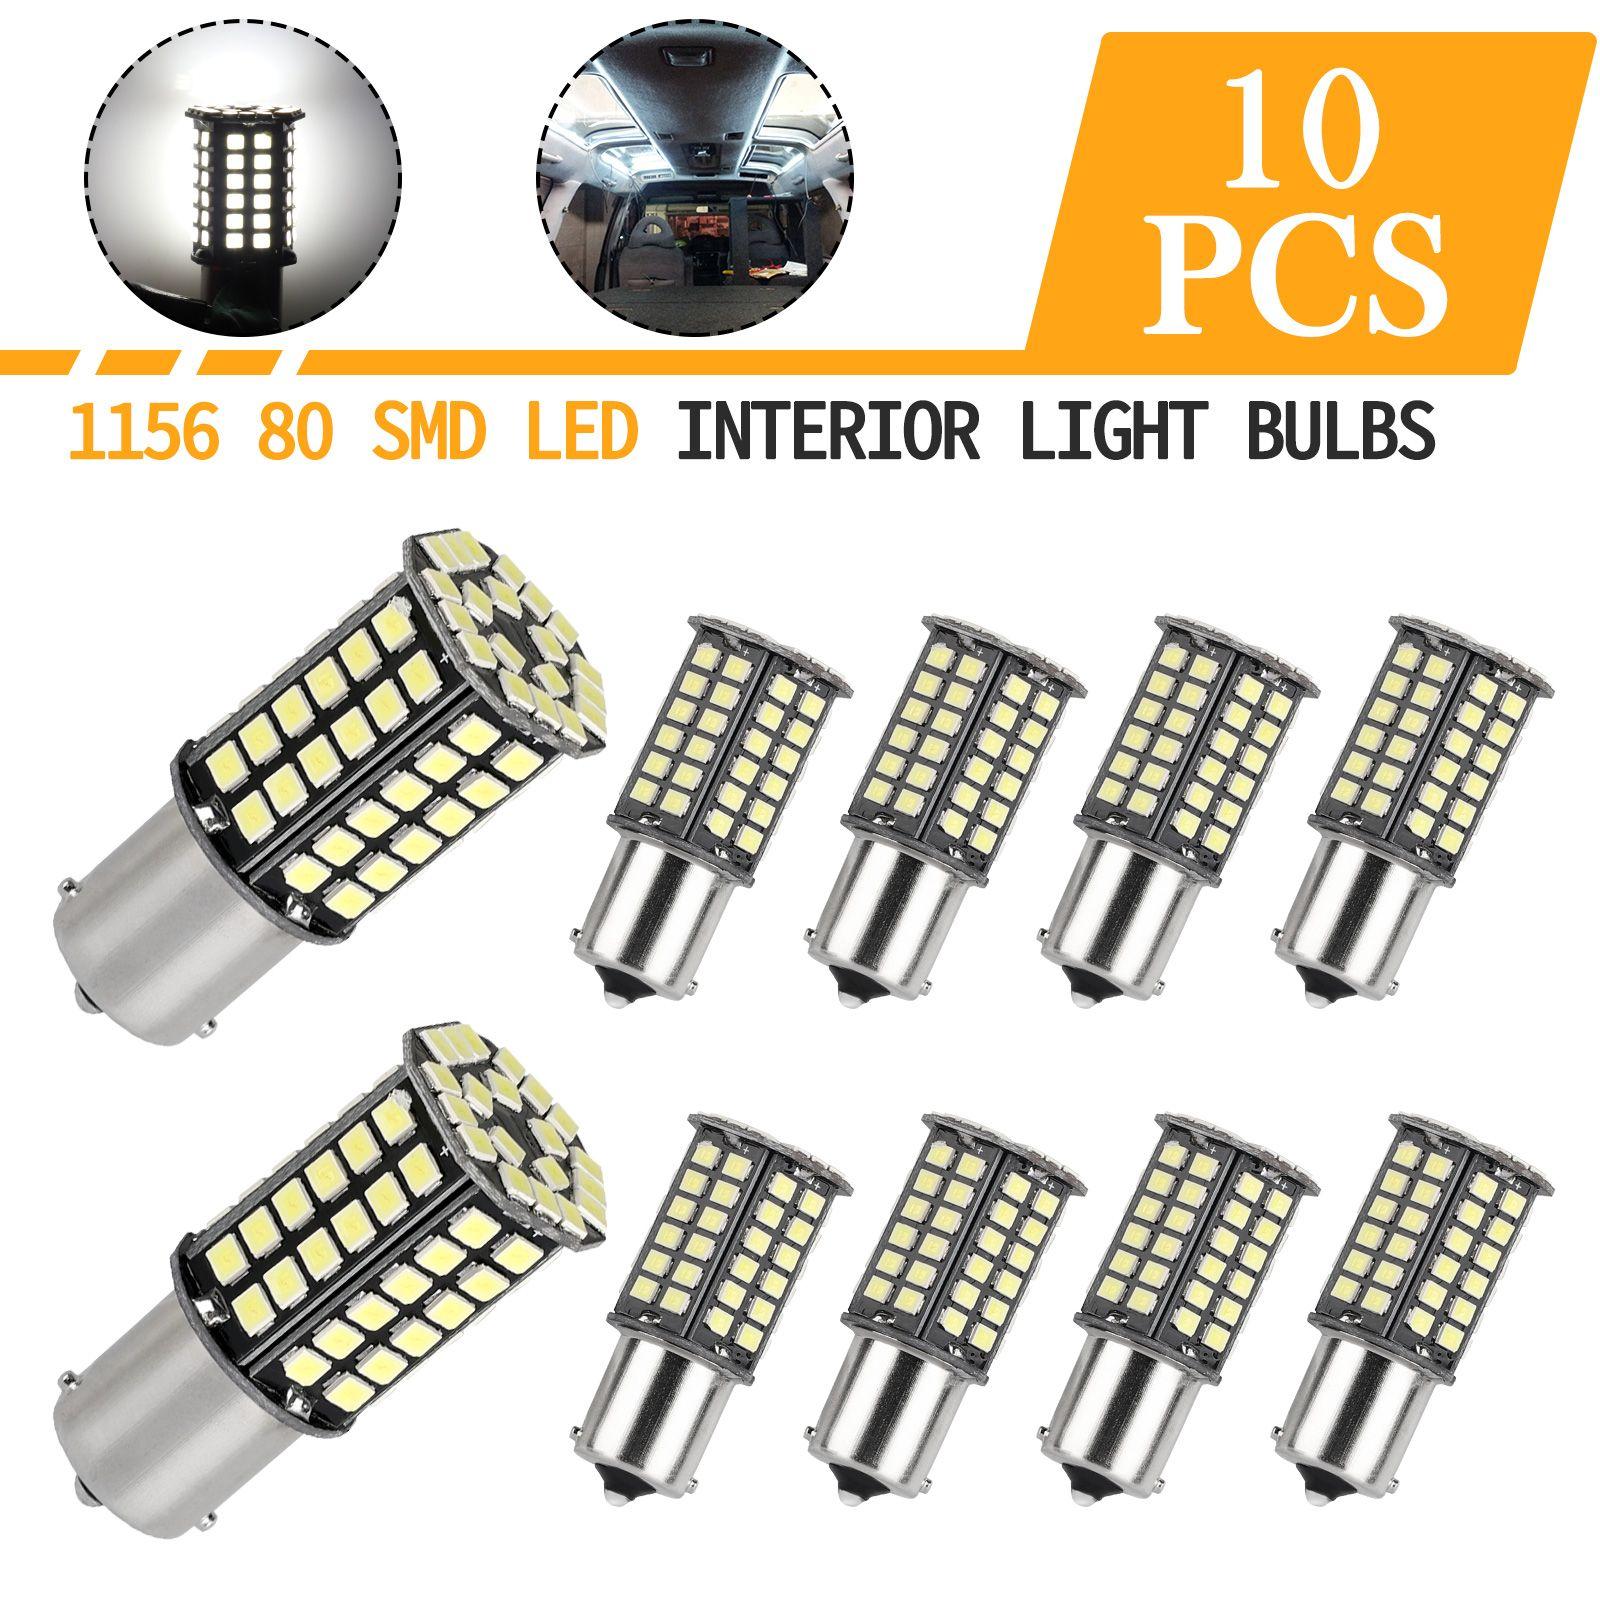 10x Pure White 1156 Ba15s 1141 1003 Rv Camper Trailer Interior 80 Led Light Bulb In 2020 Led Light Bulb Trailer Interior Bulb